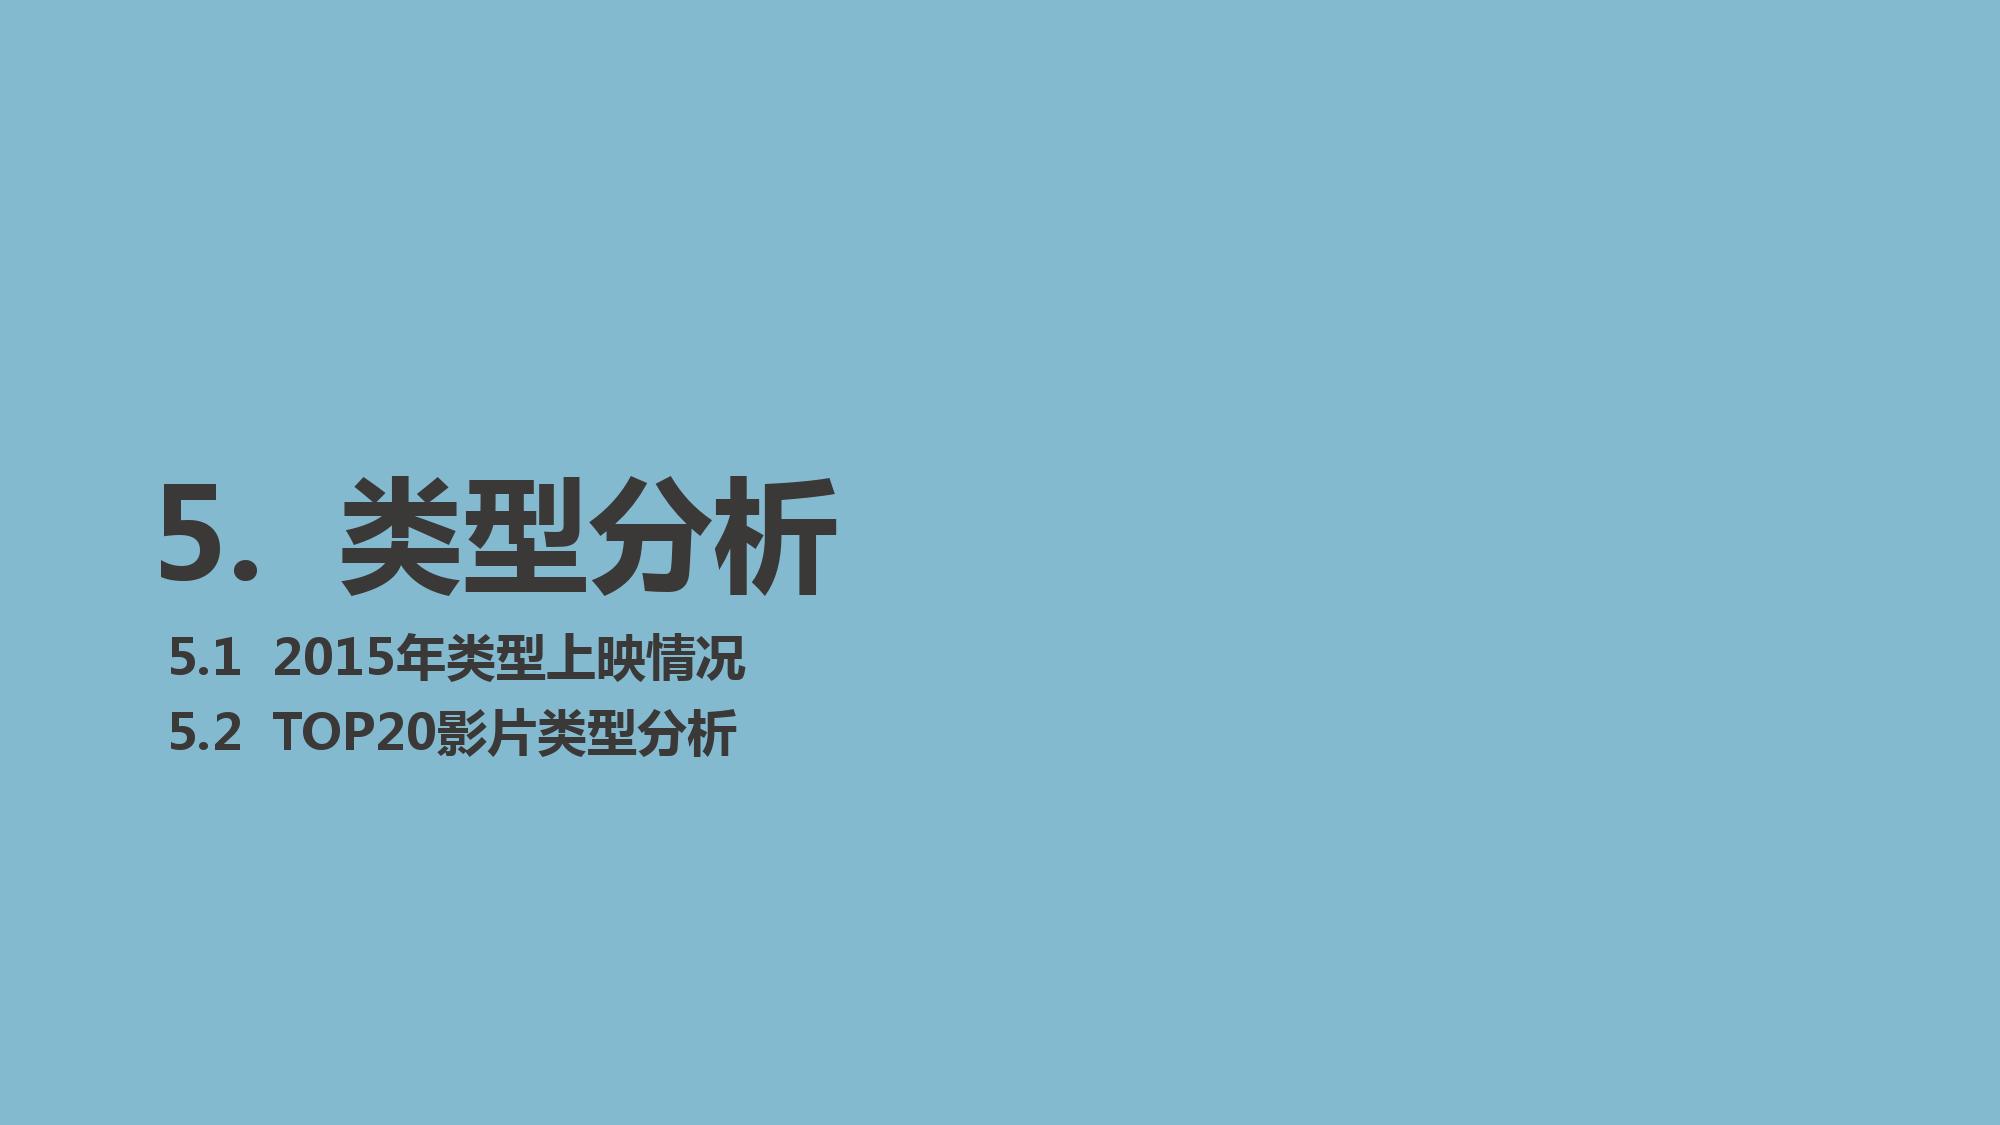 2015年度中国电影产业报告_000065